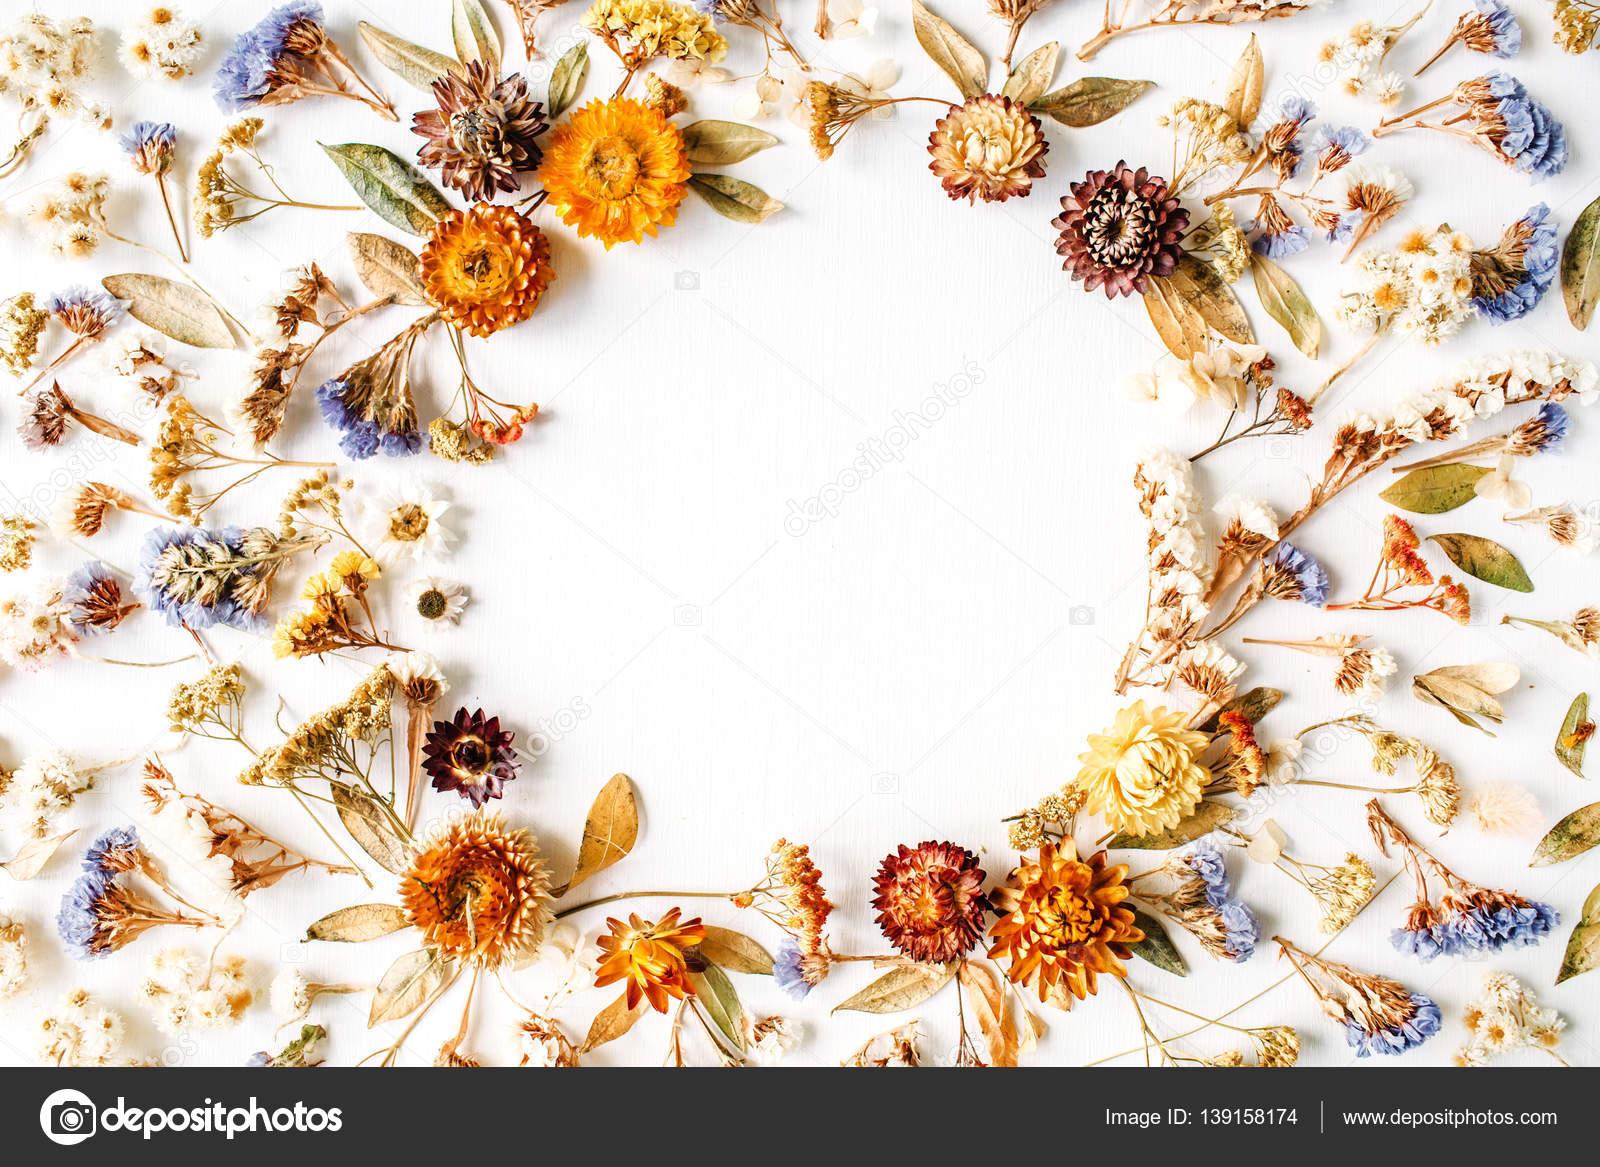 quadro feito de ptalas ramos folhas e flores secas amarelas u fotografia de stock